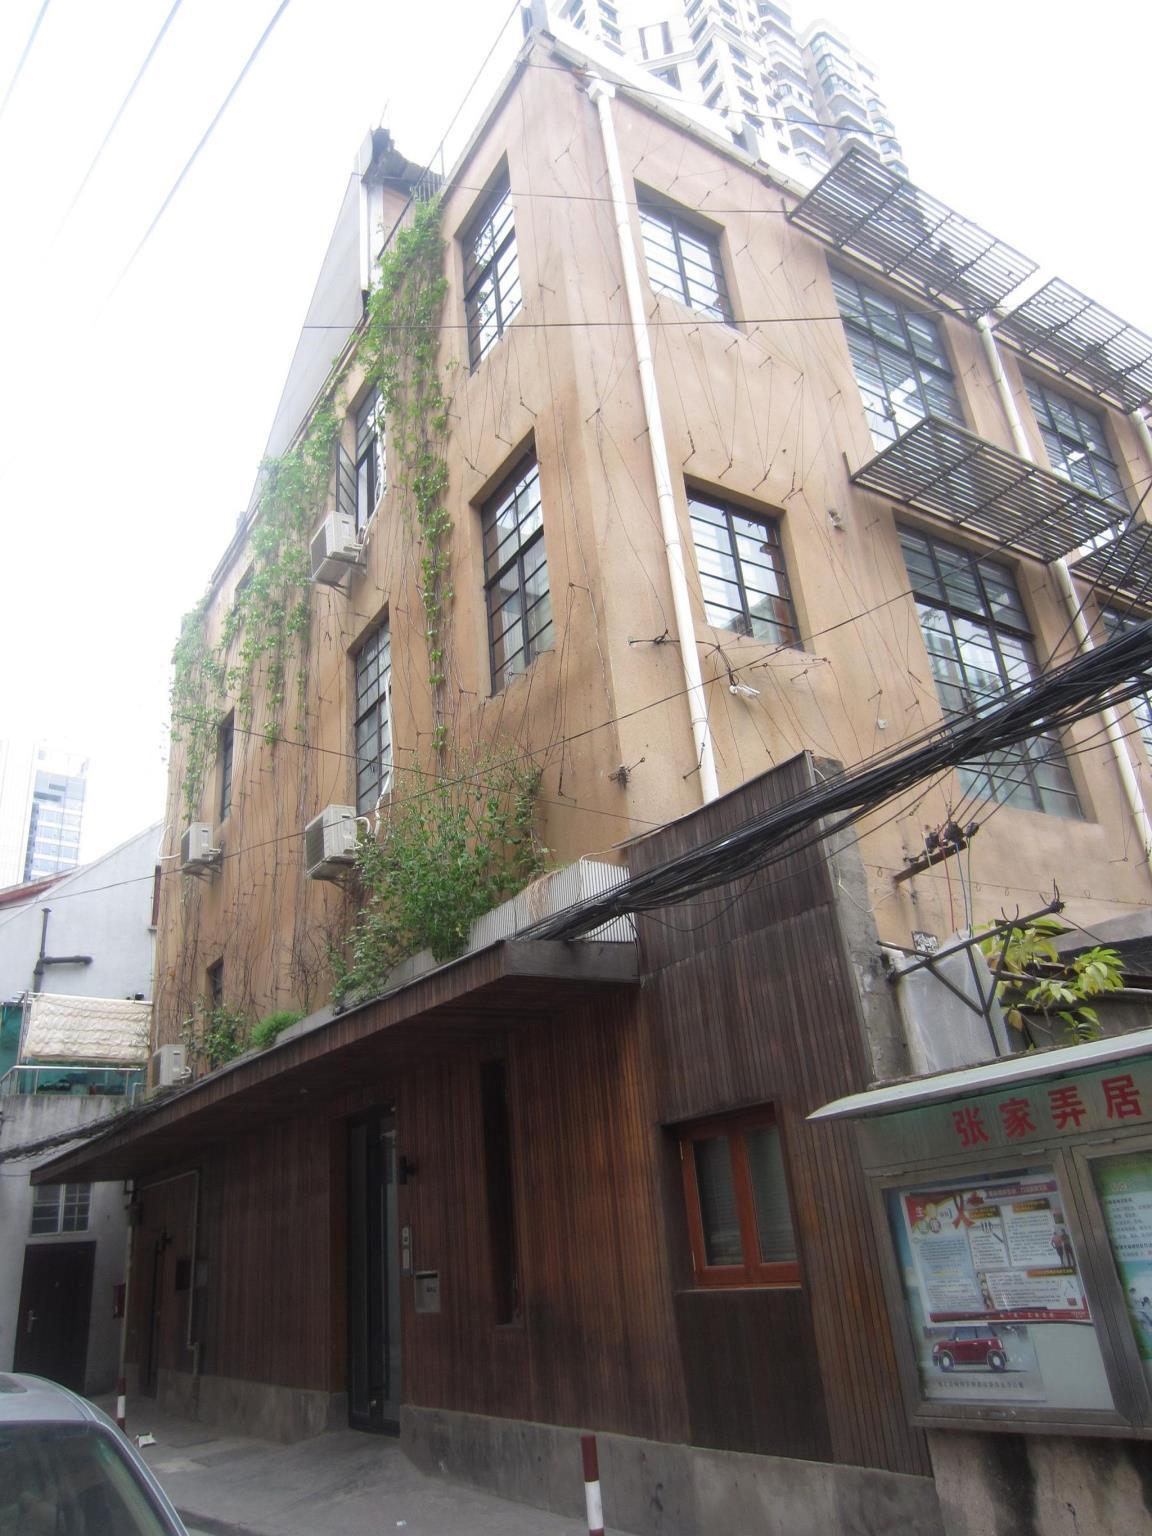 Shanghai Lane Life